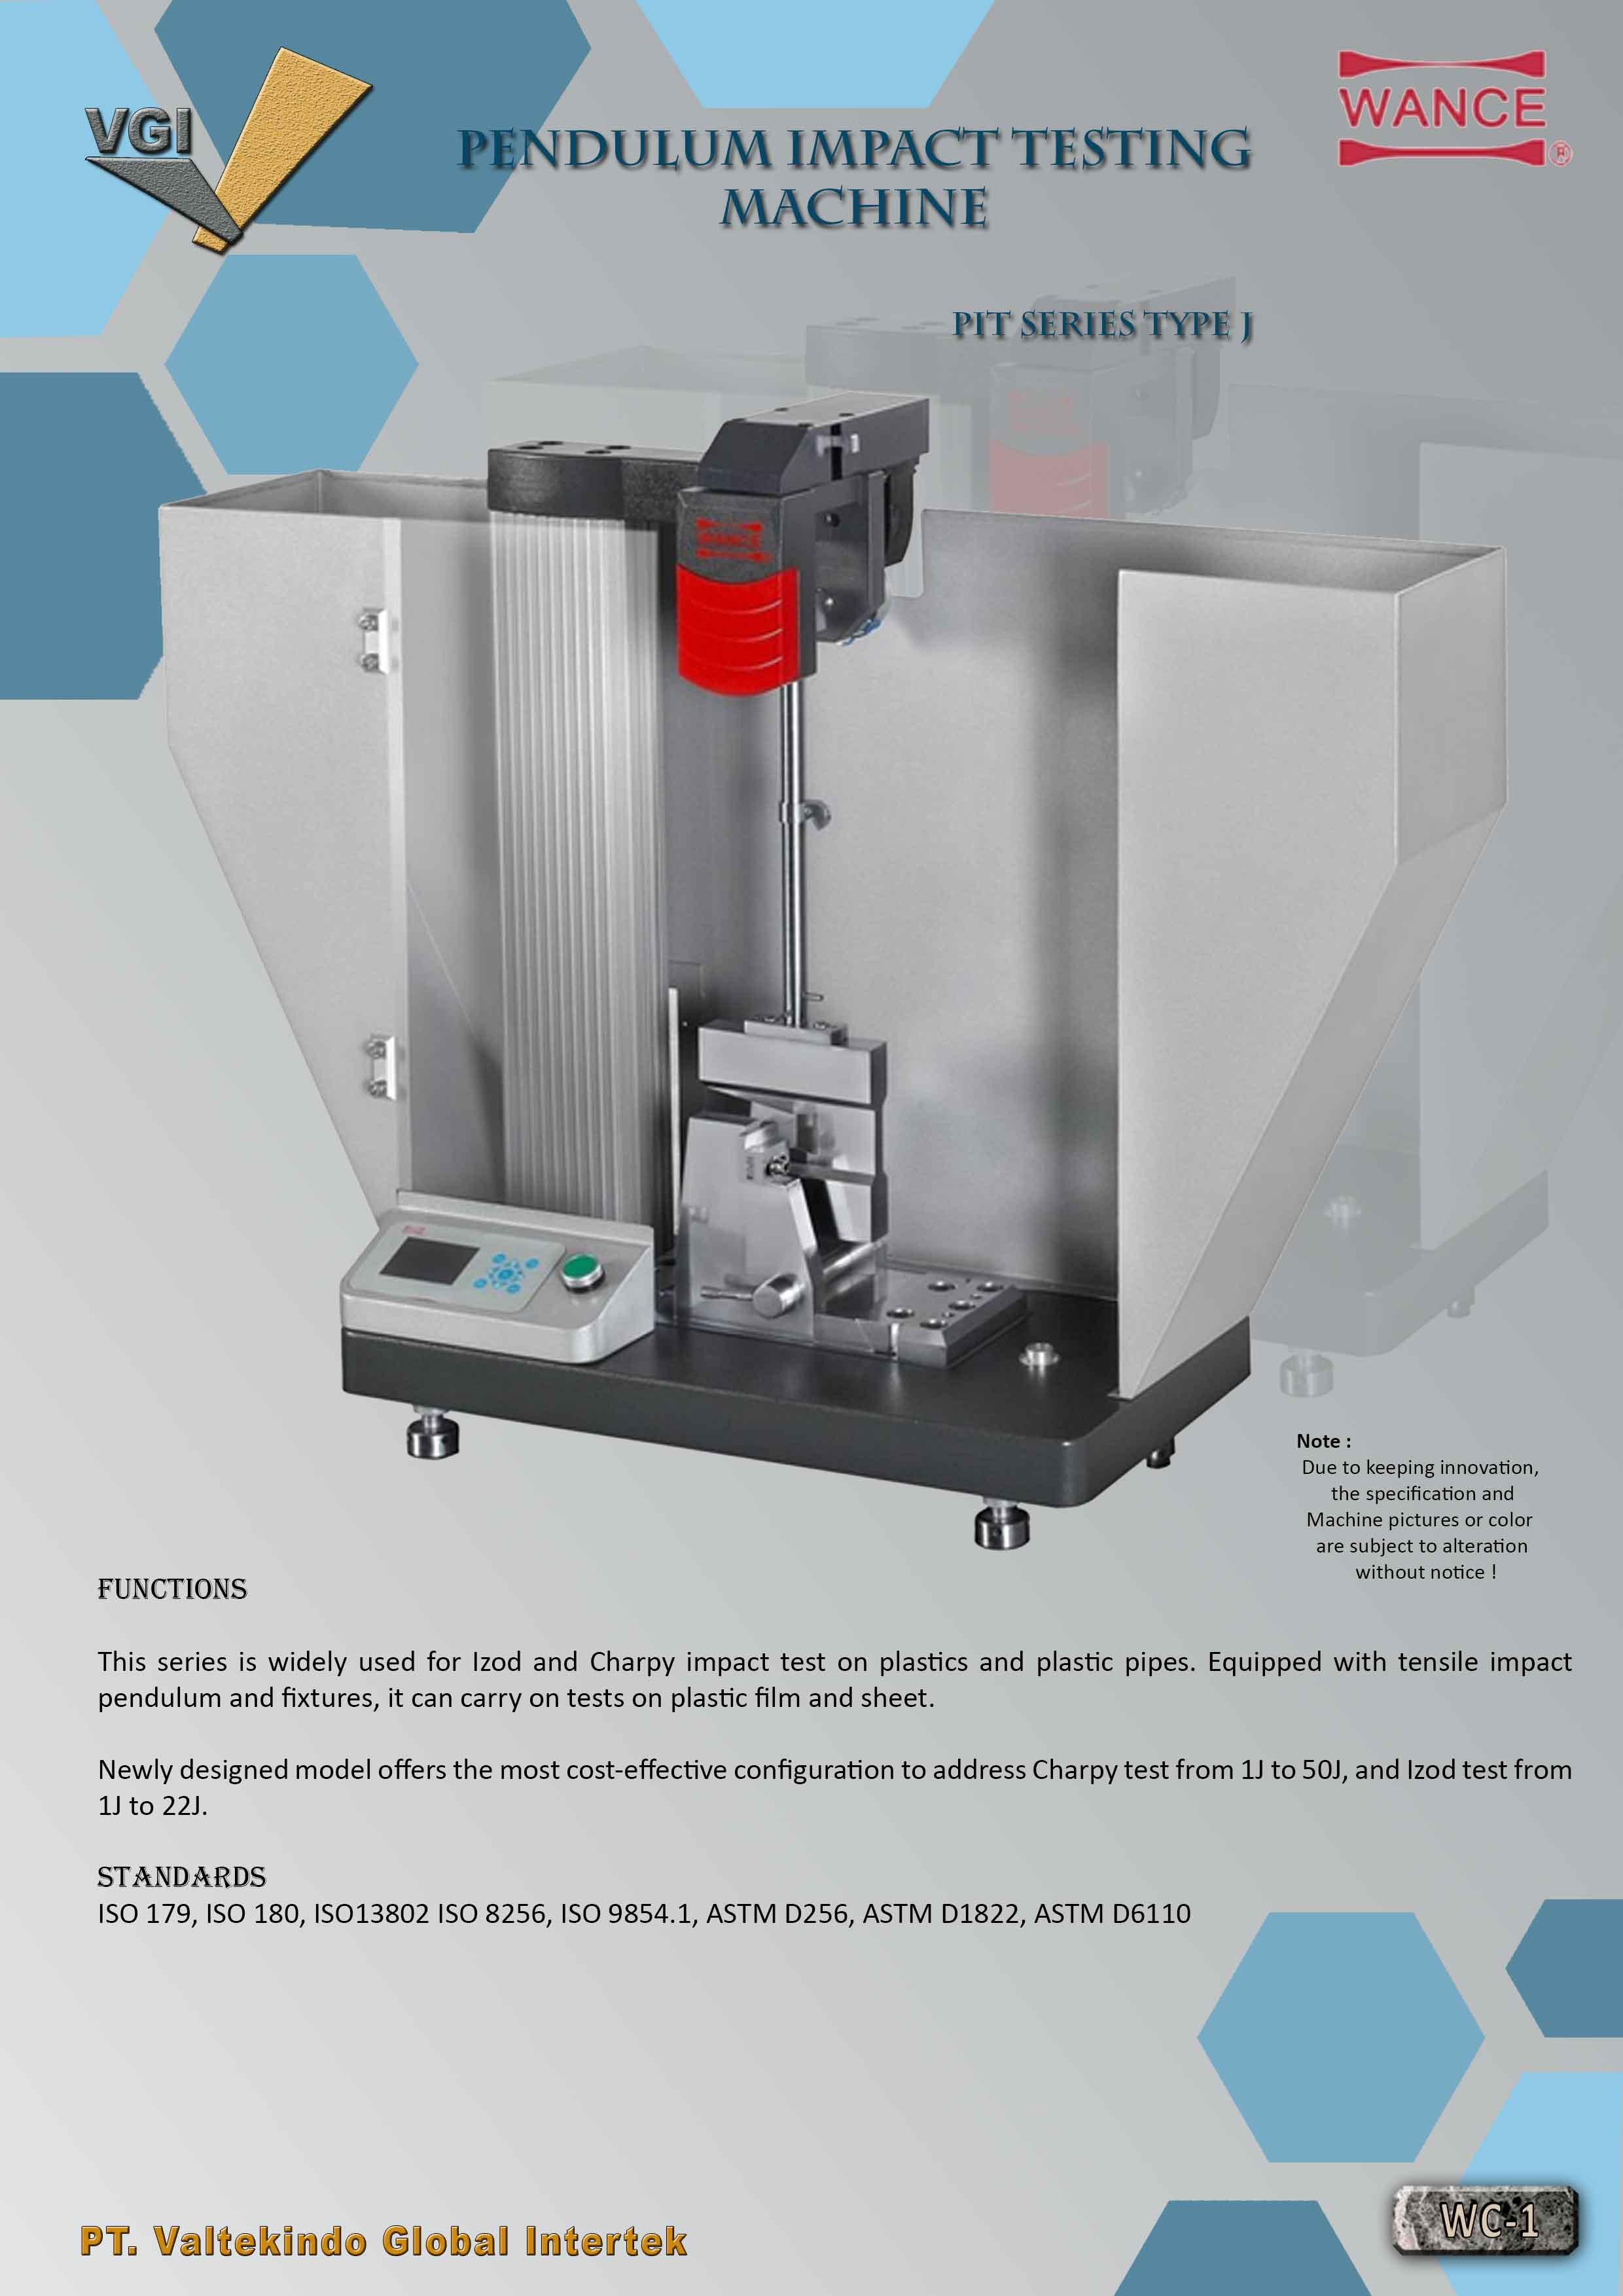 jual mesin, harga mesin, jual mesin bandung, distributor mesin, jual mesin karet, daur ulang karet, daur ulang plastik, mesin pertanian Pendulum Impact Testing Machine 1 Pendulum Impact Testing Machine 1